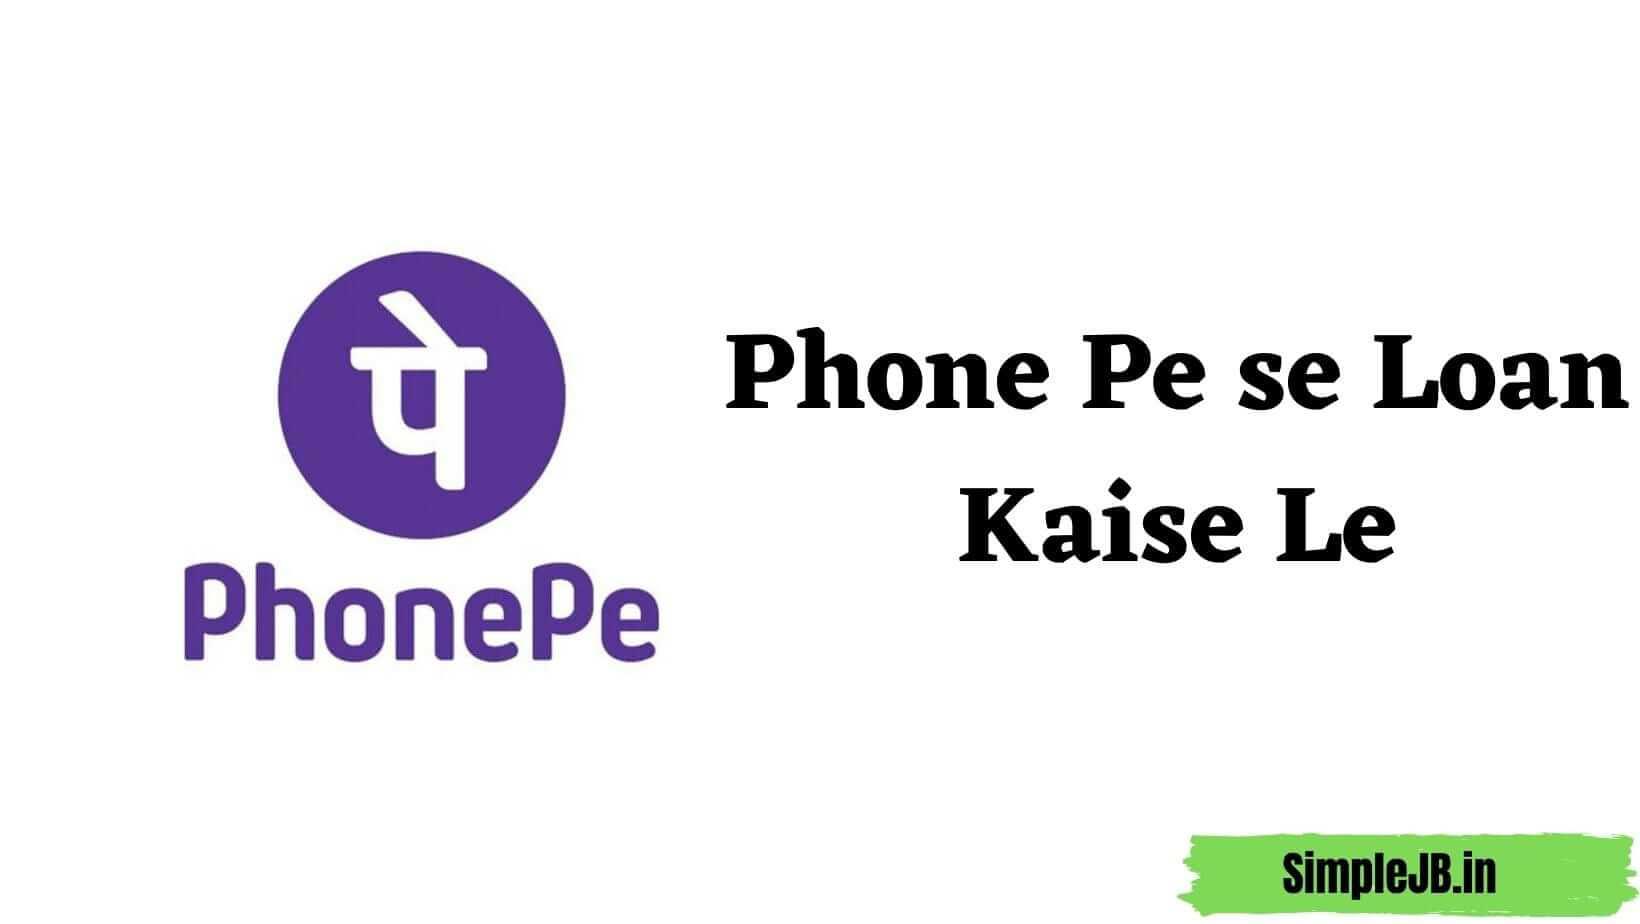 Phone Pe se Loan Kaise Le